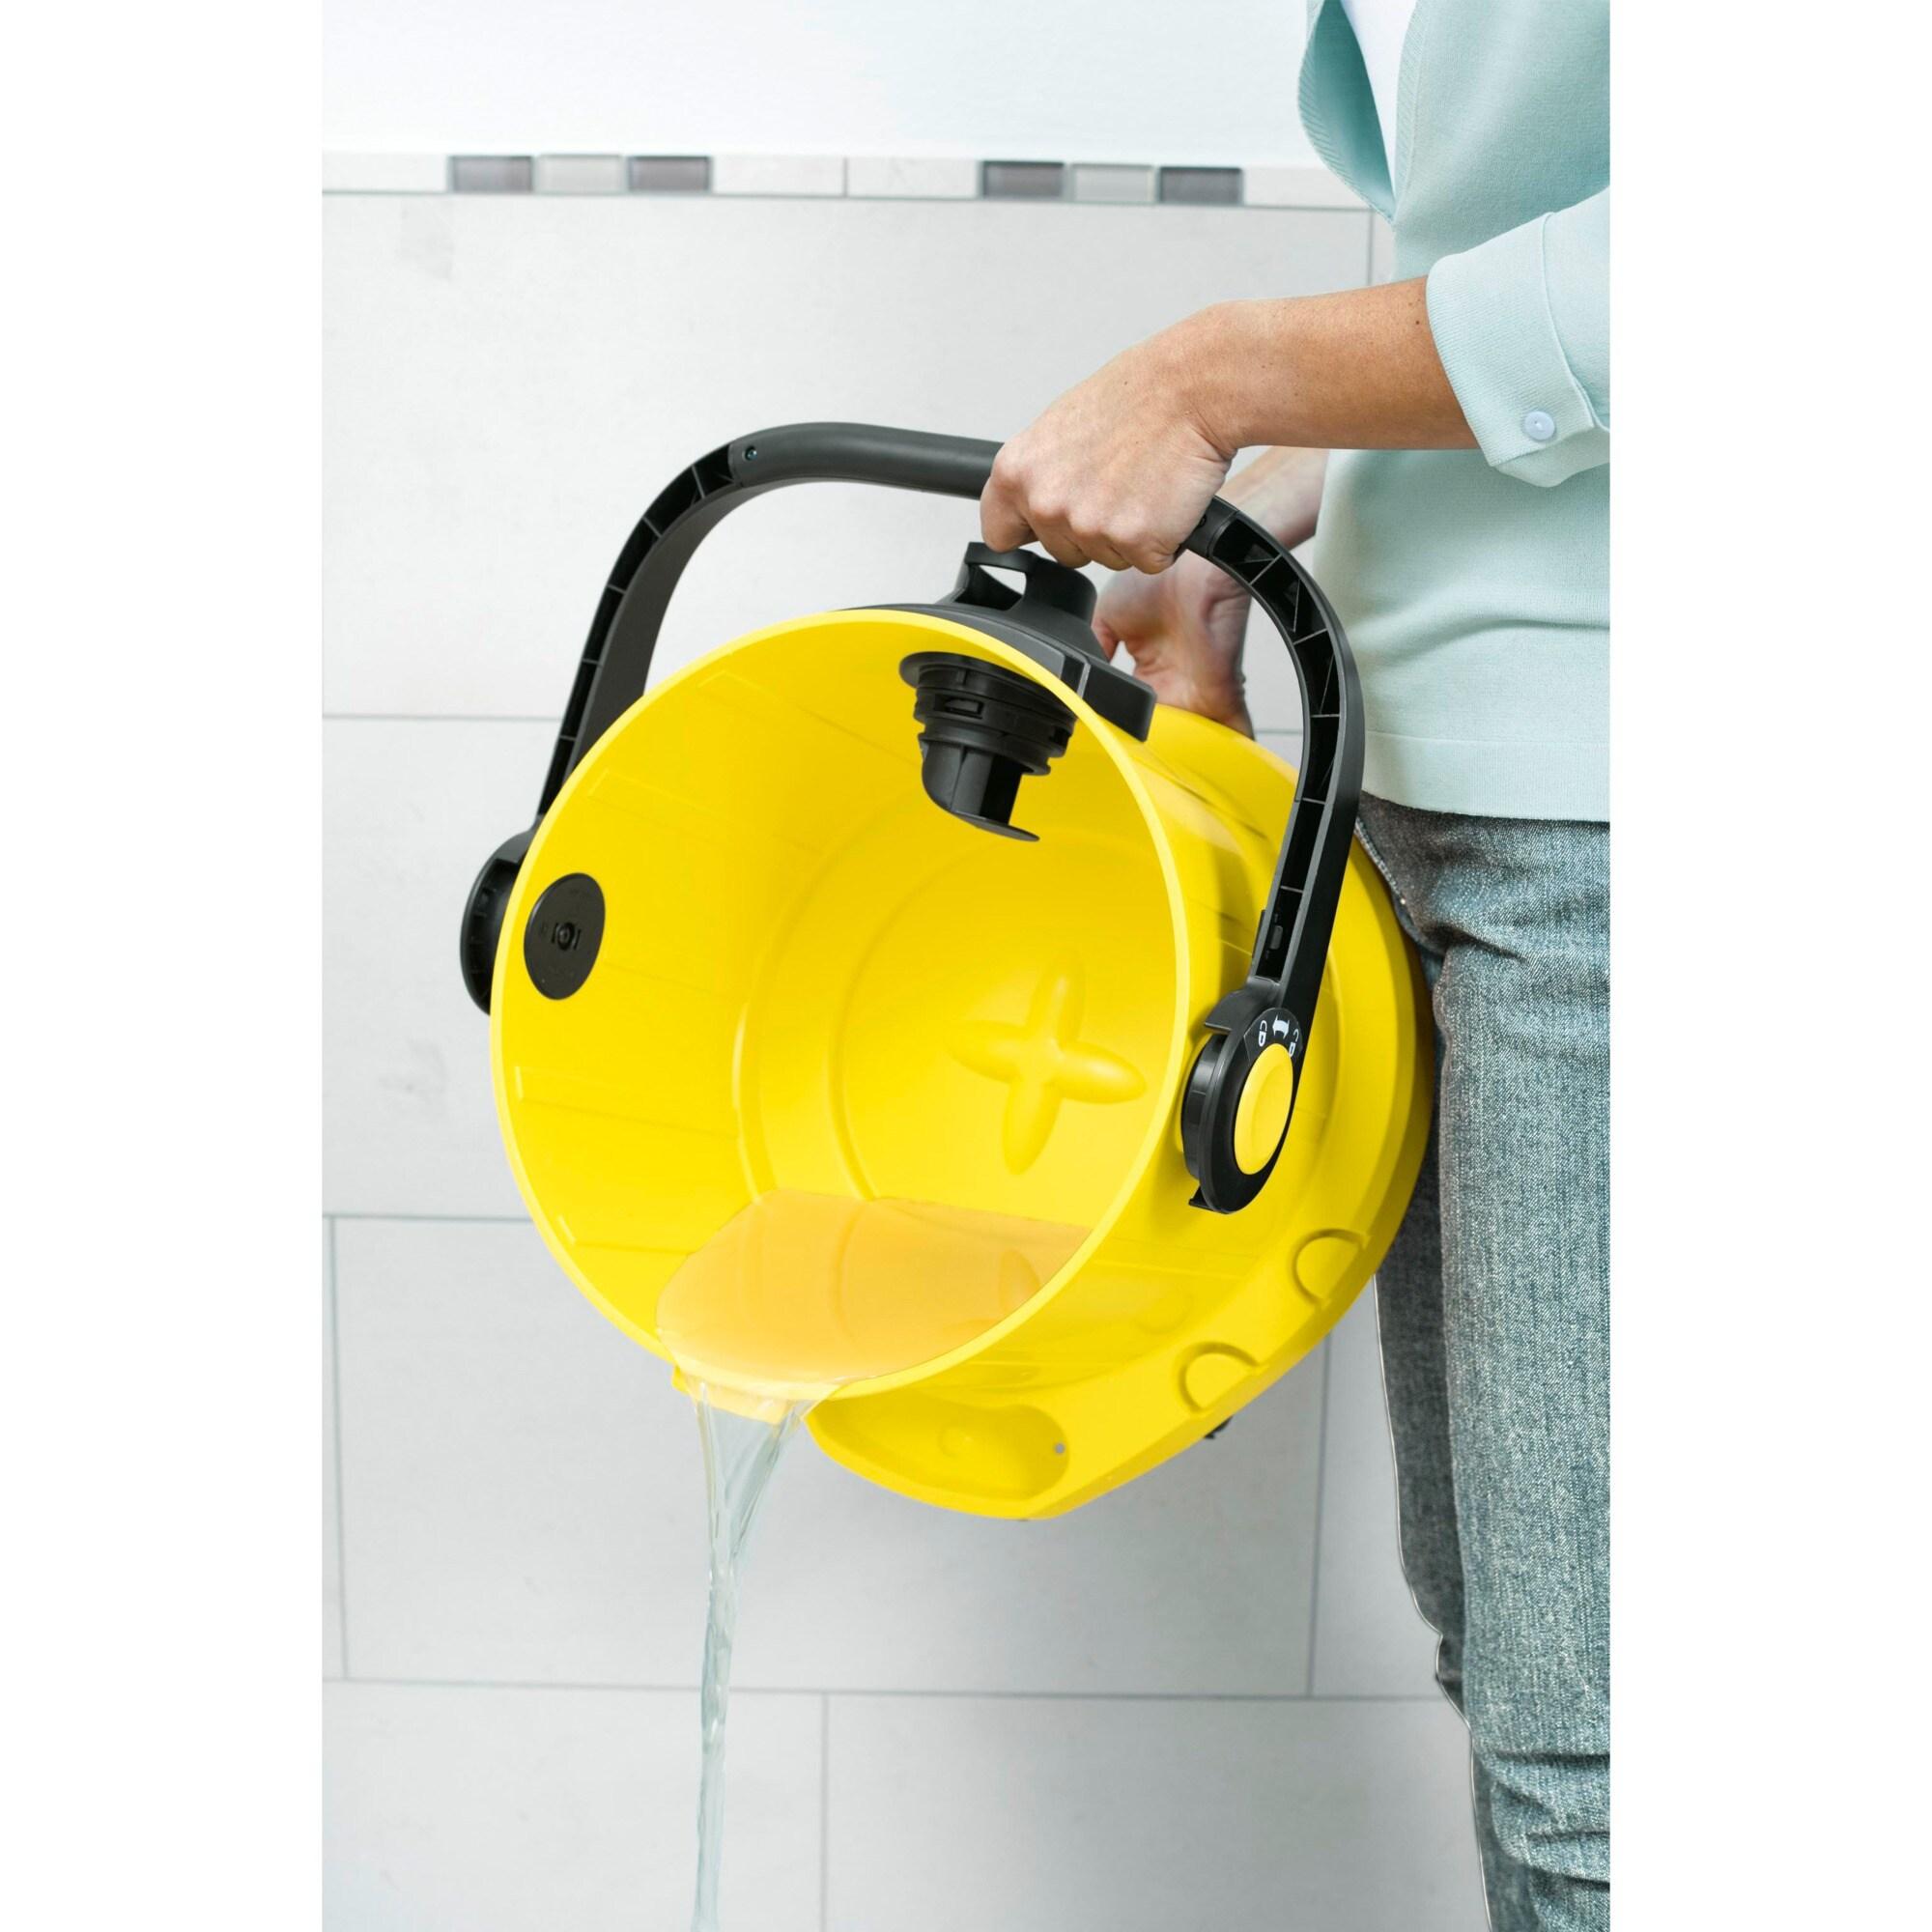 Kärcher Waschsauger SE 4.001